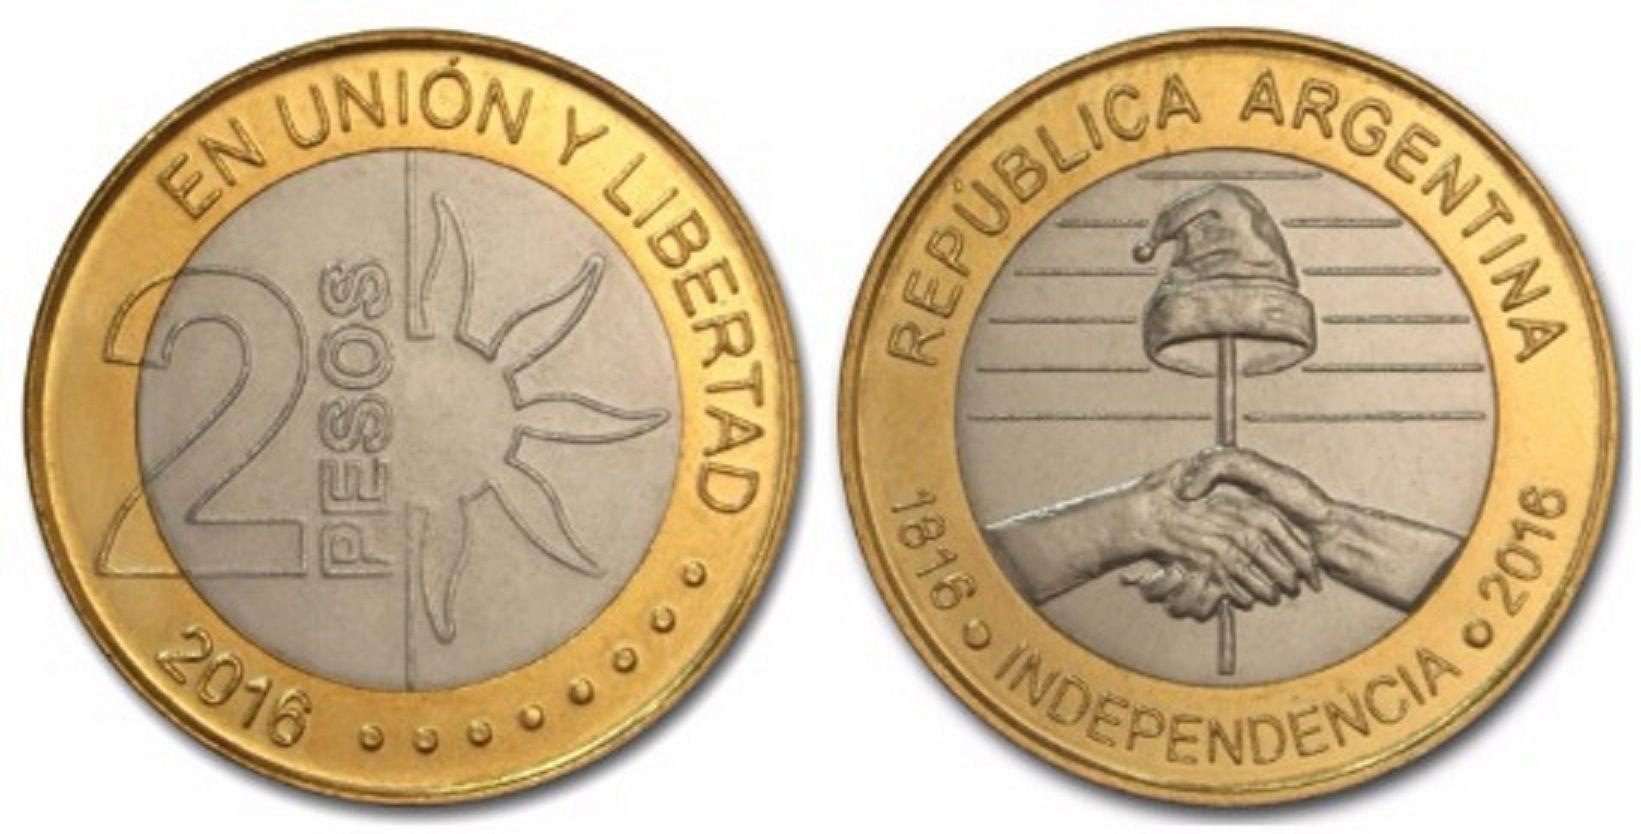 El Banco Central distribuirá monedas de $2 en conmemoración al Bicentenario